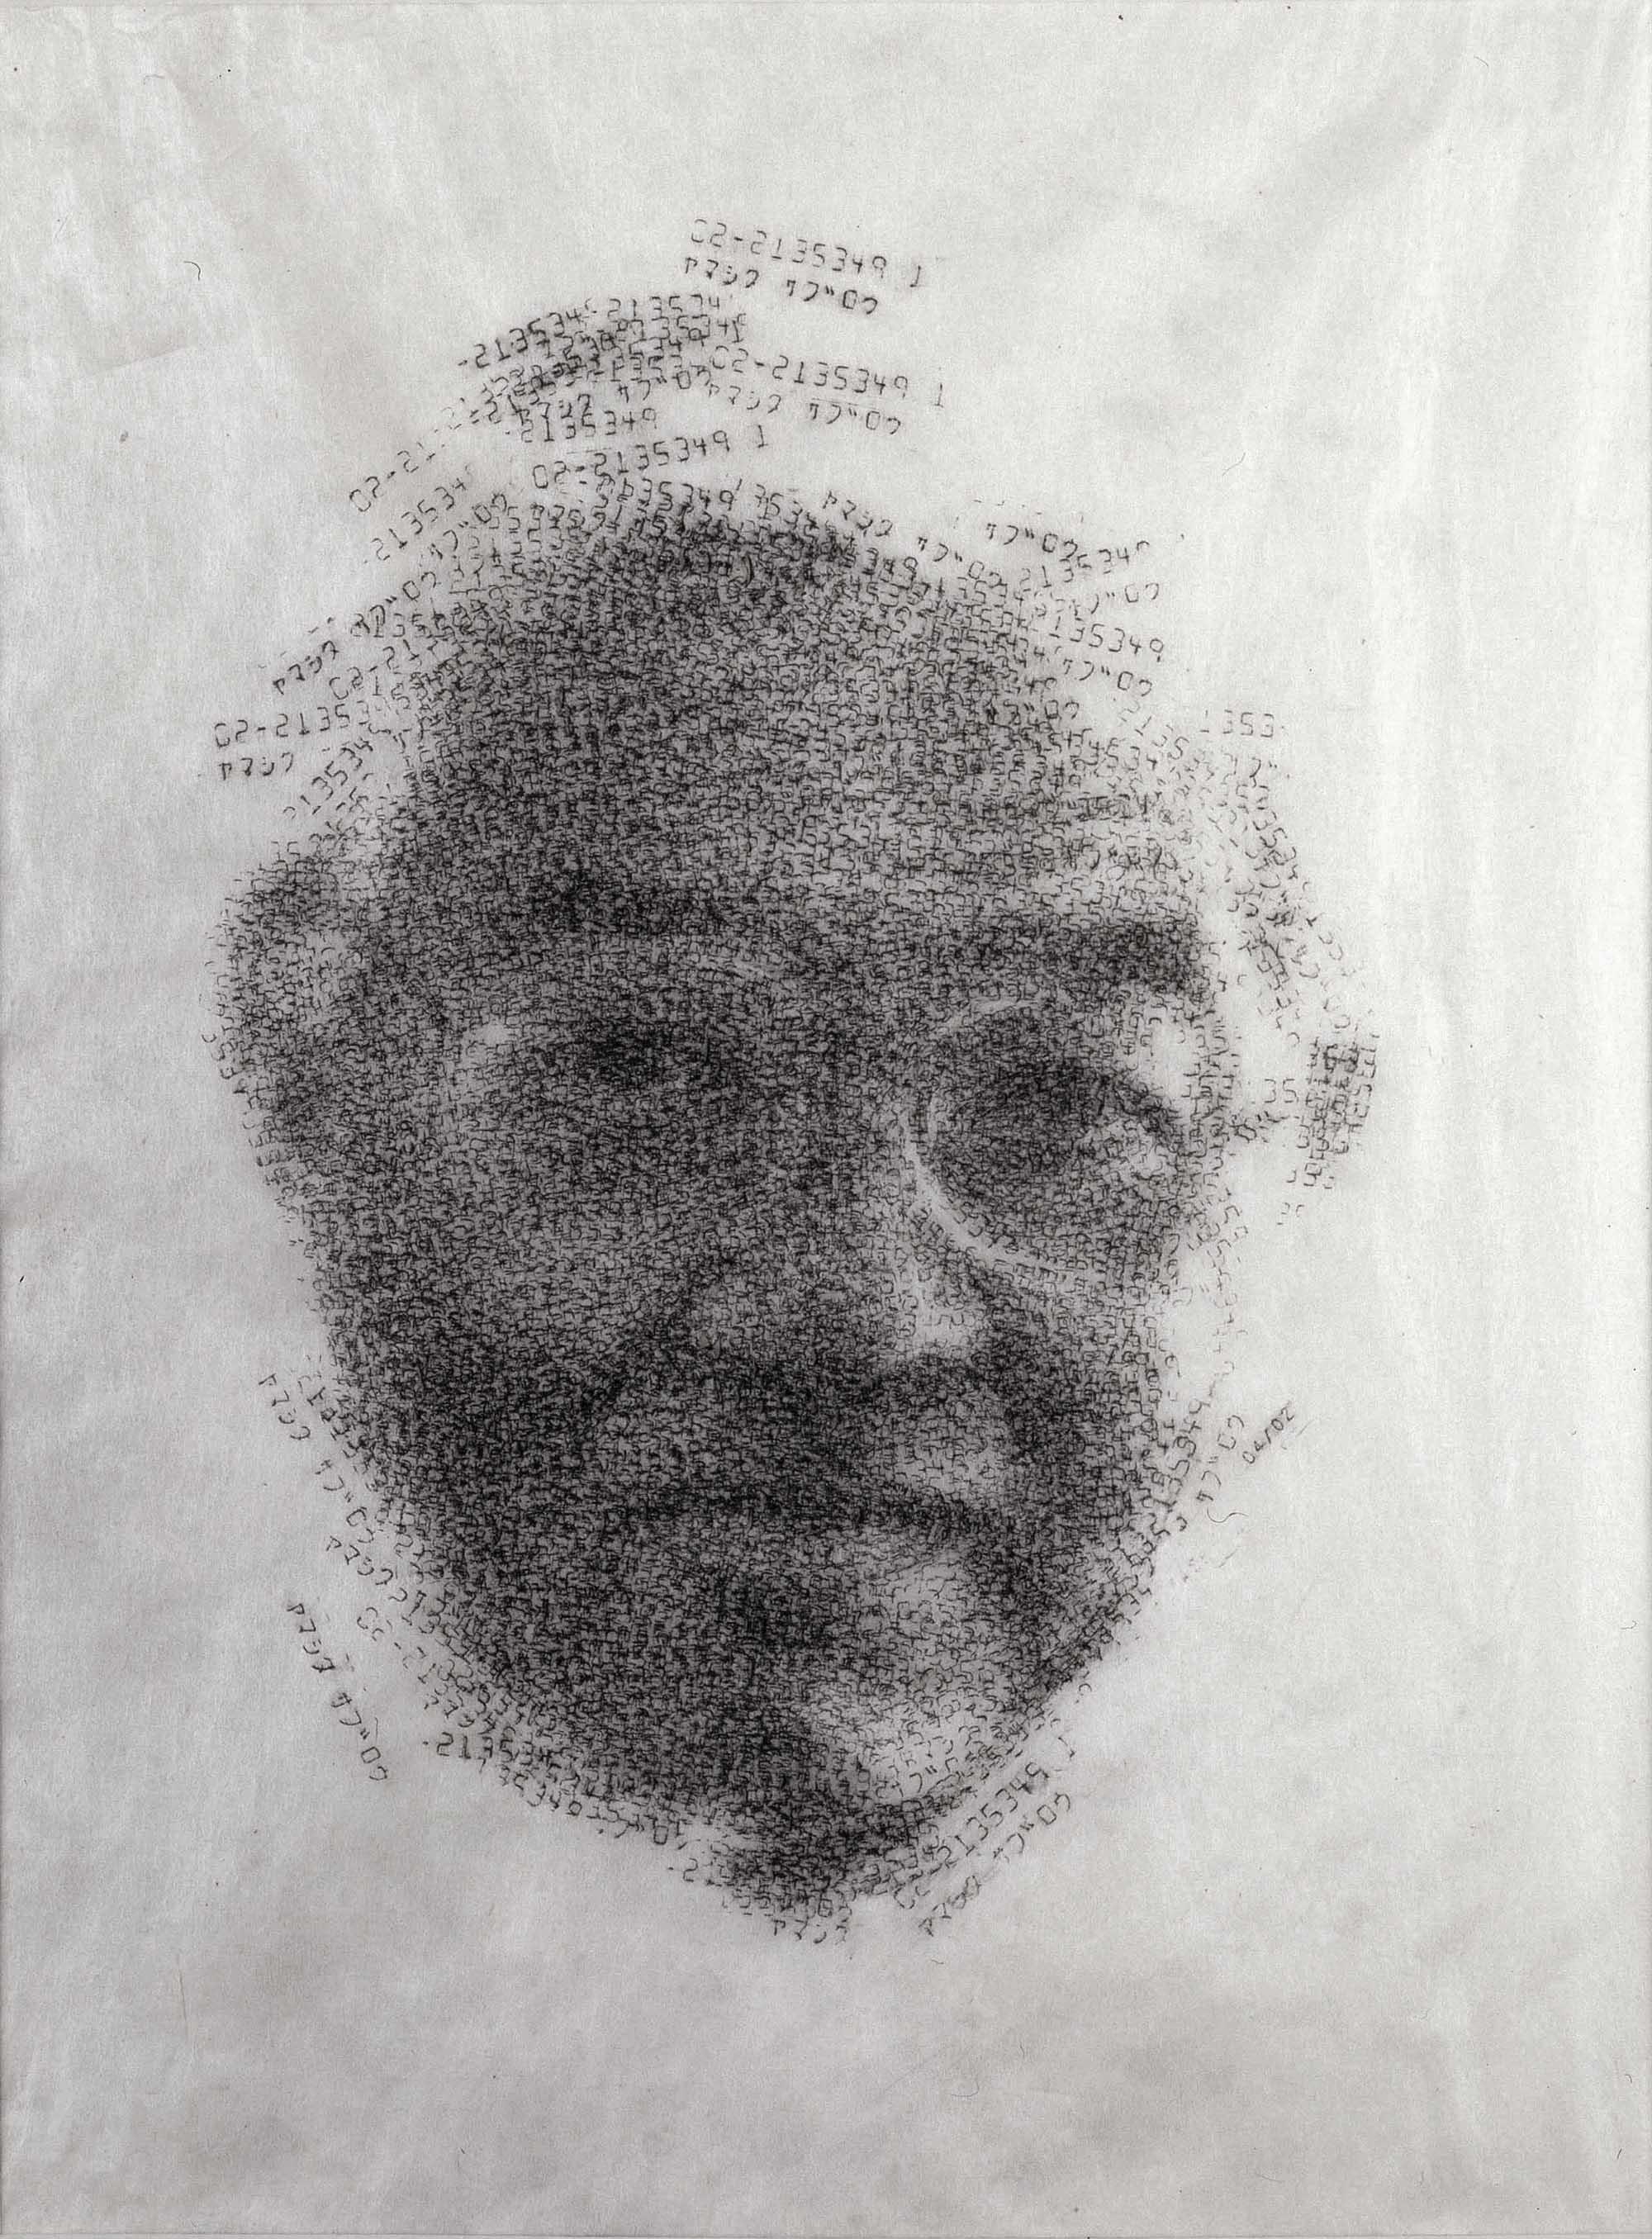 SABURO   2001 H45, W35 cm Japanese paper, graphite Private collection